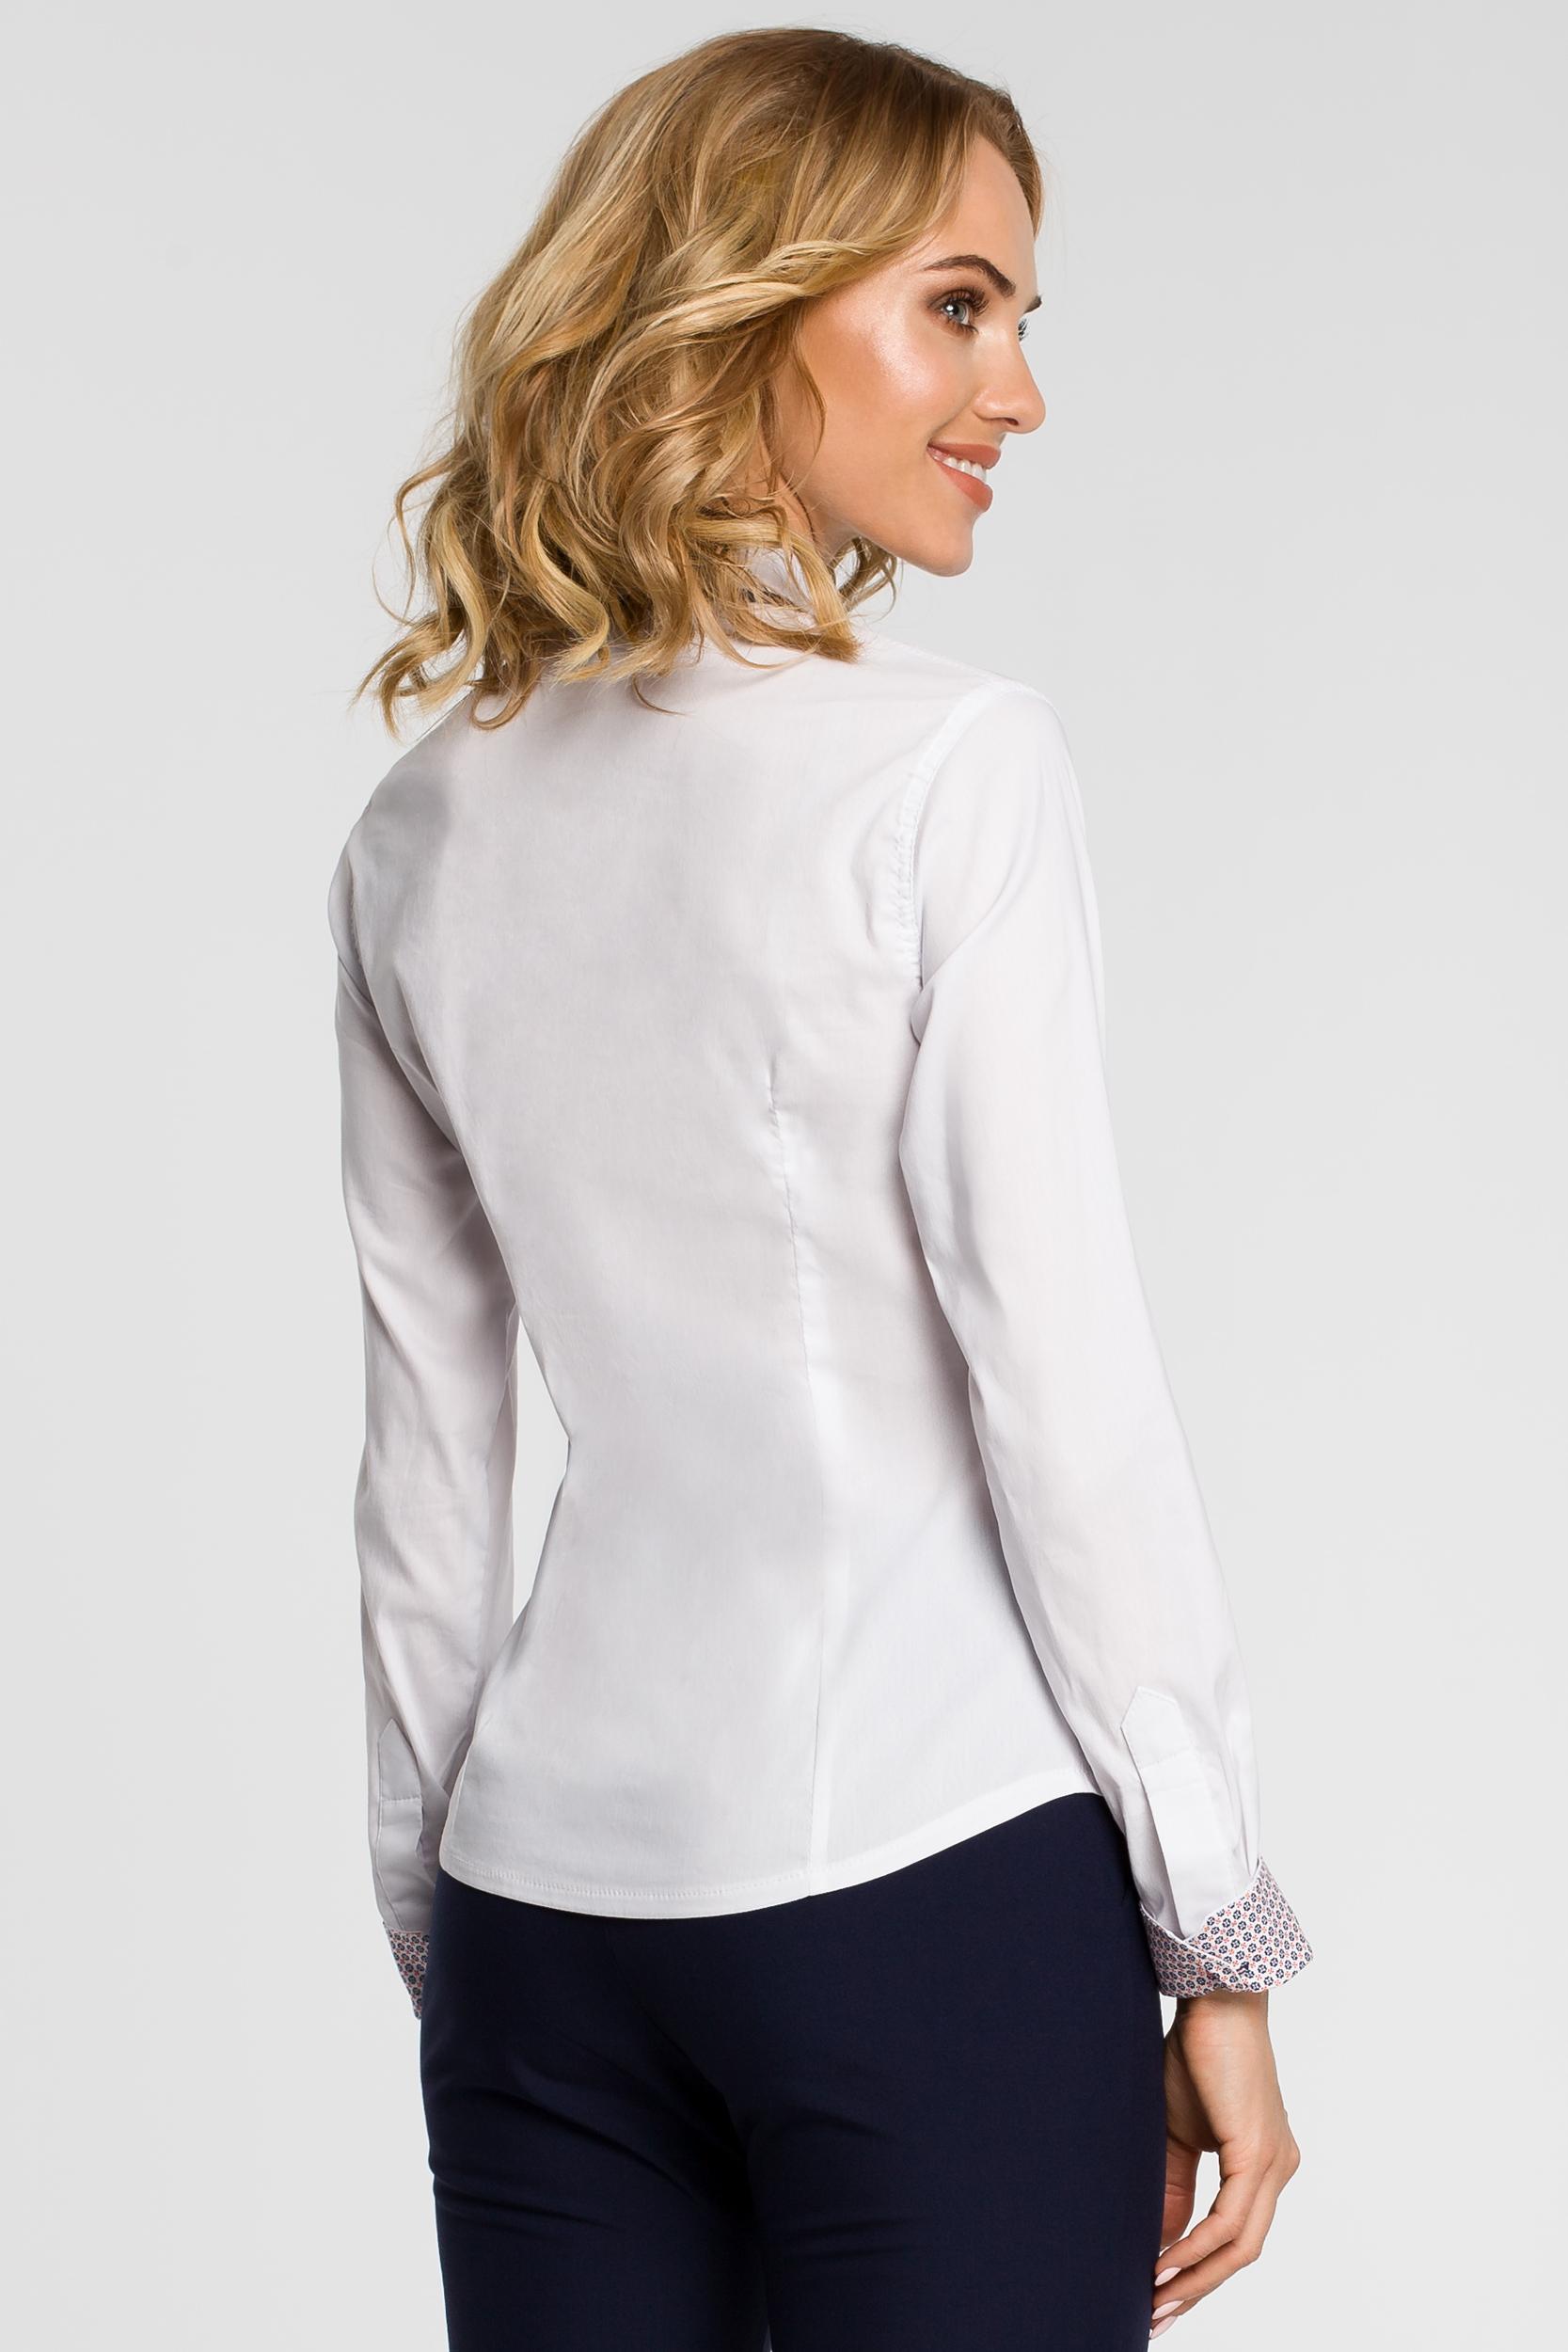 CM0665 Koszula damska z podwójnym kołnierzykiem w kontrastującym  kolorze - biała